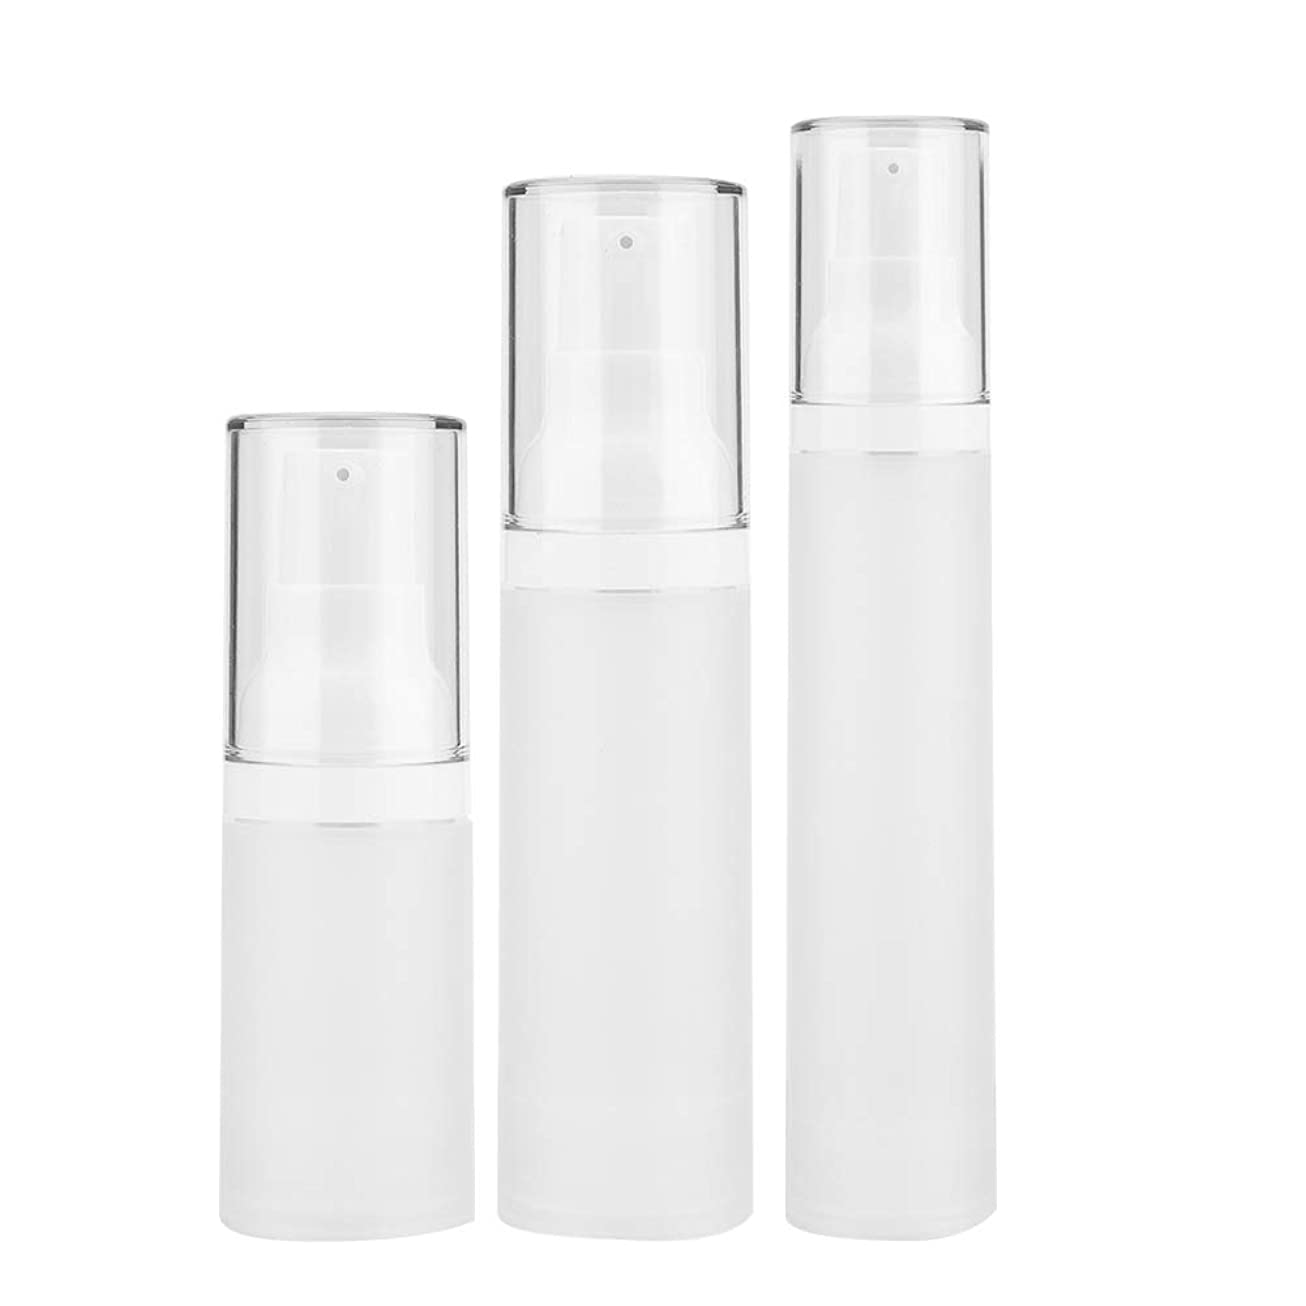 きれいに未使用麦芽3本入りトラベルボトルセット - 化粧品旅行用容器、化粧品容器が空の化粧品容器付きペットボトル - シャンプーとスプレー用(3 pcs)